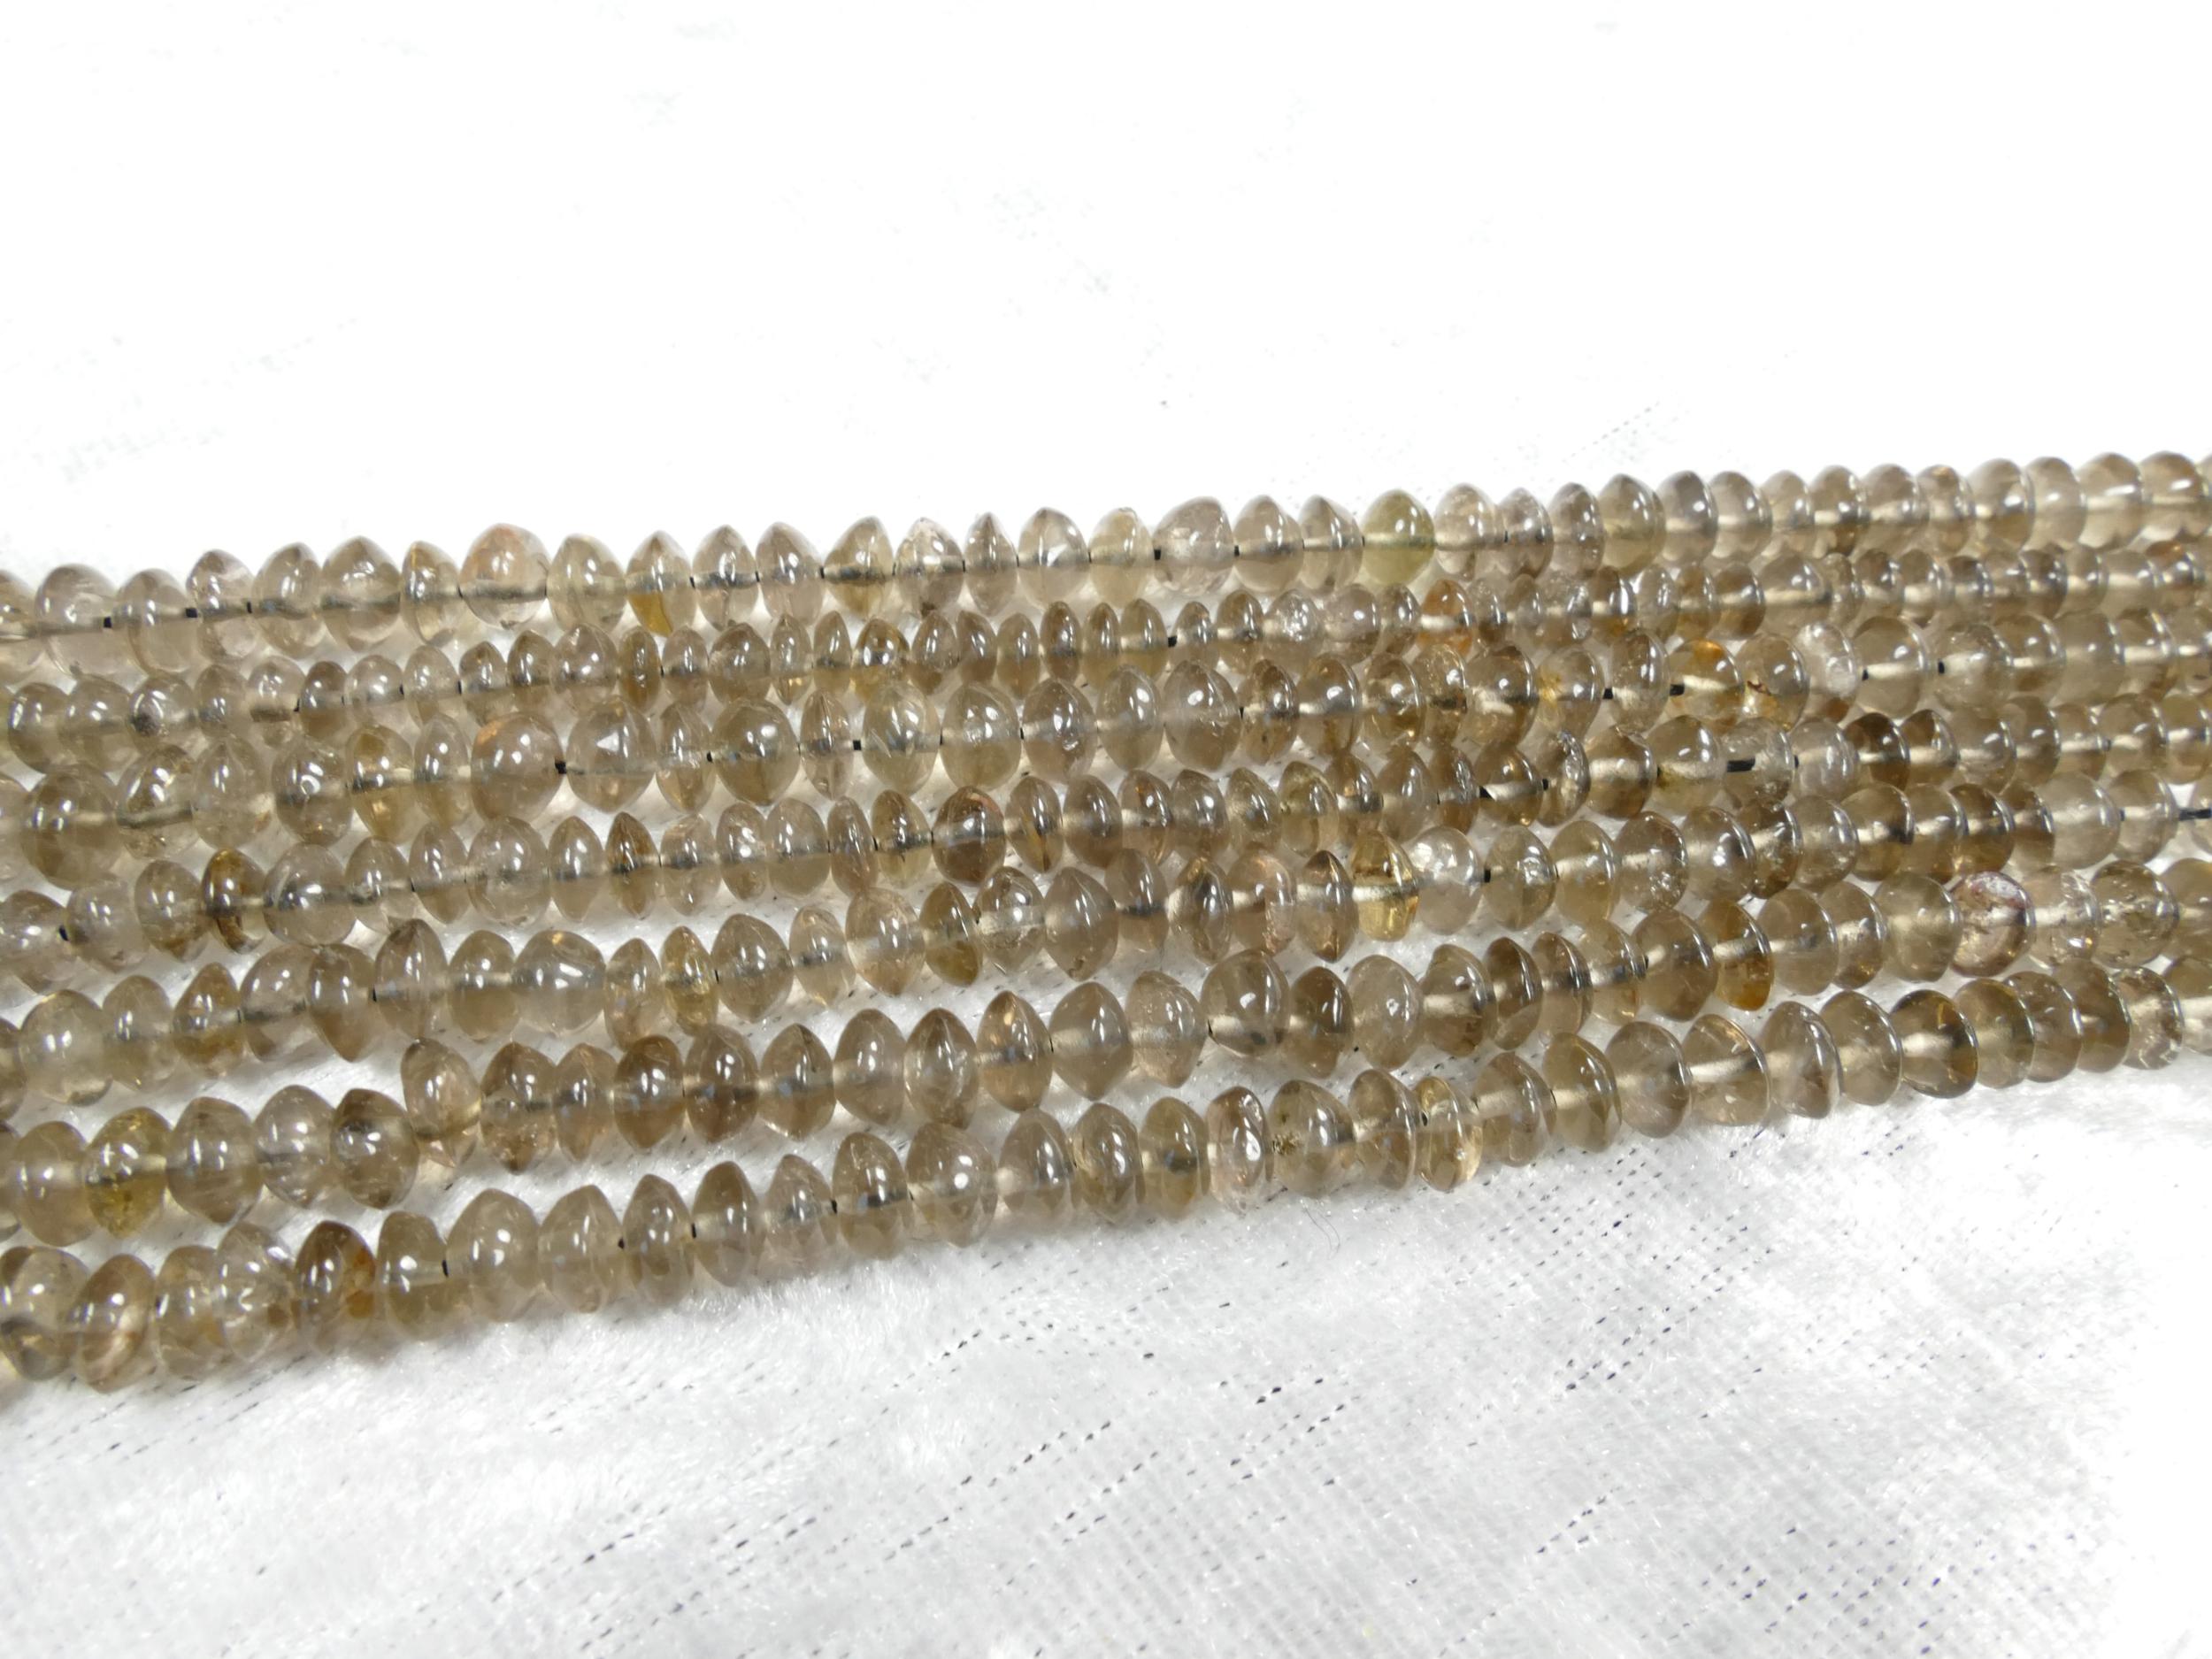 4.2/5mm AA/AAA+ Perles de Quartz fumé naturel clair rondelle lisse irrégulière fil x35cm (13.7inch) (#AC1104)